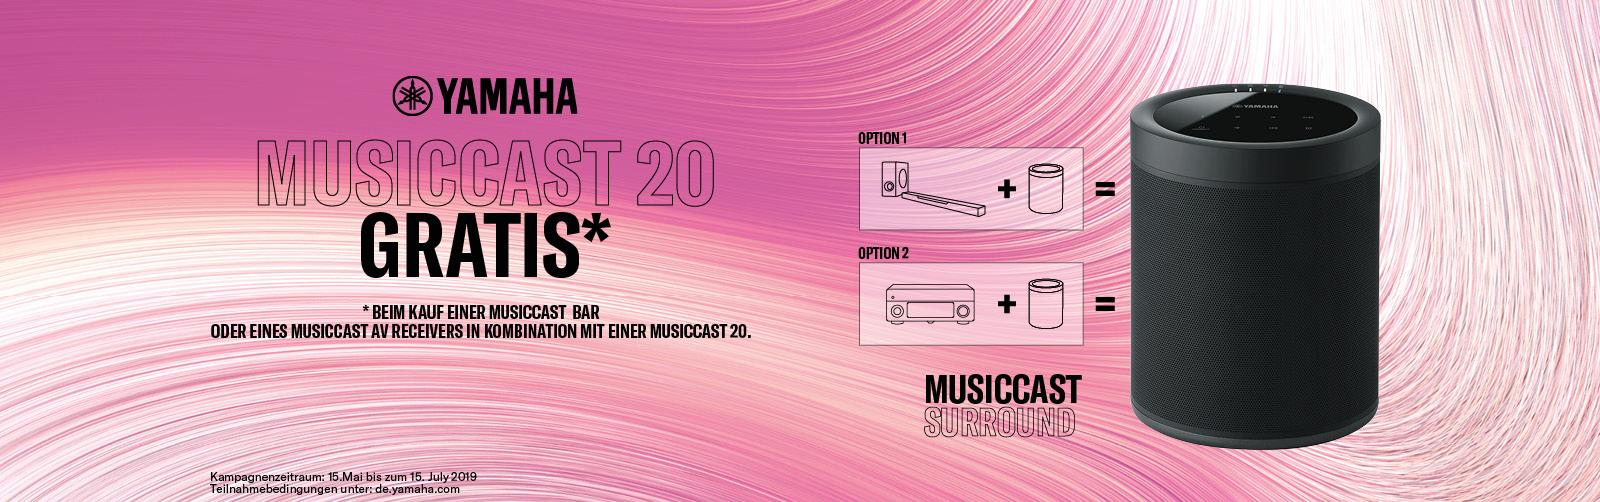 Yamaha-Musiccast-20-Geschenkt-Aktion-TVFay